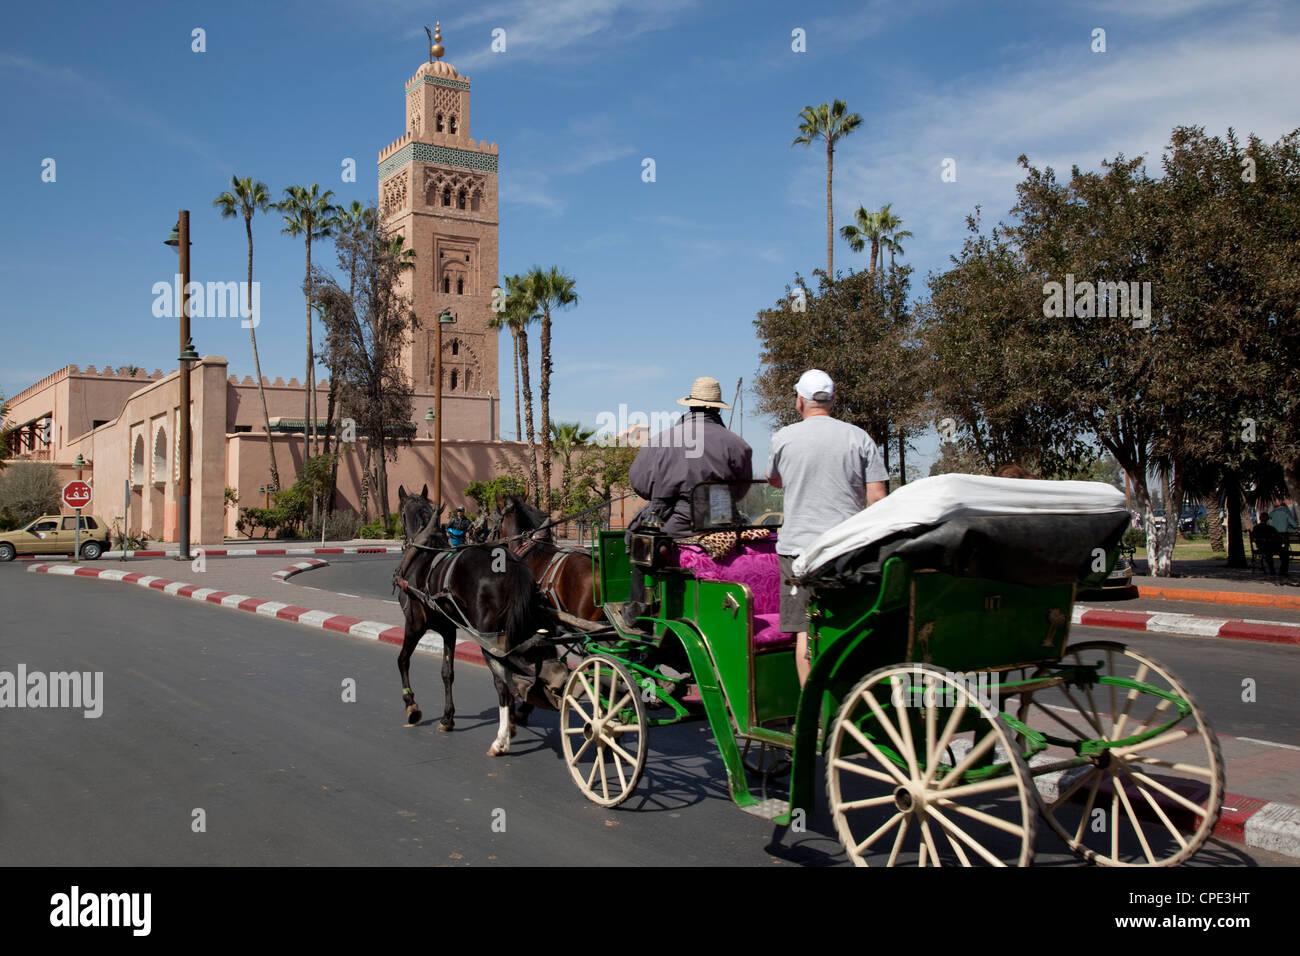 Mosquée de Koutoubia Minaret et calèche, Marrakech, Maroc, Afrique du Nord, Afrique Photo Stock